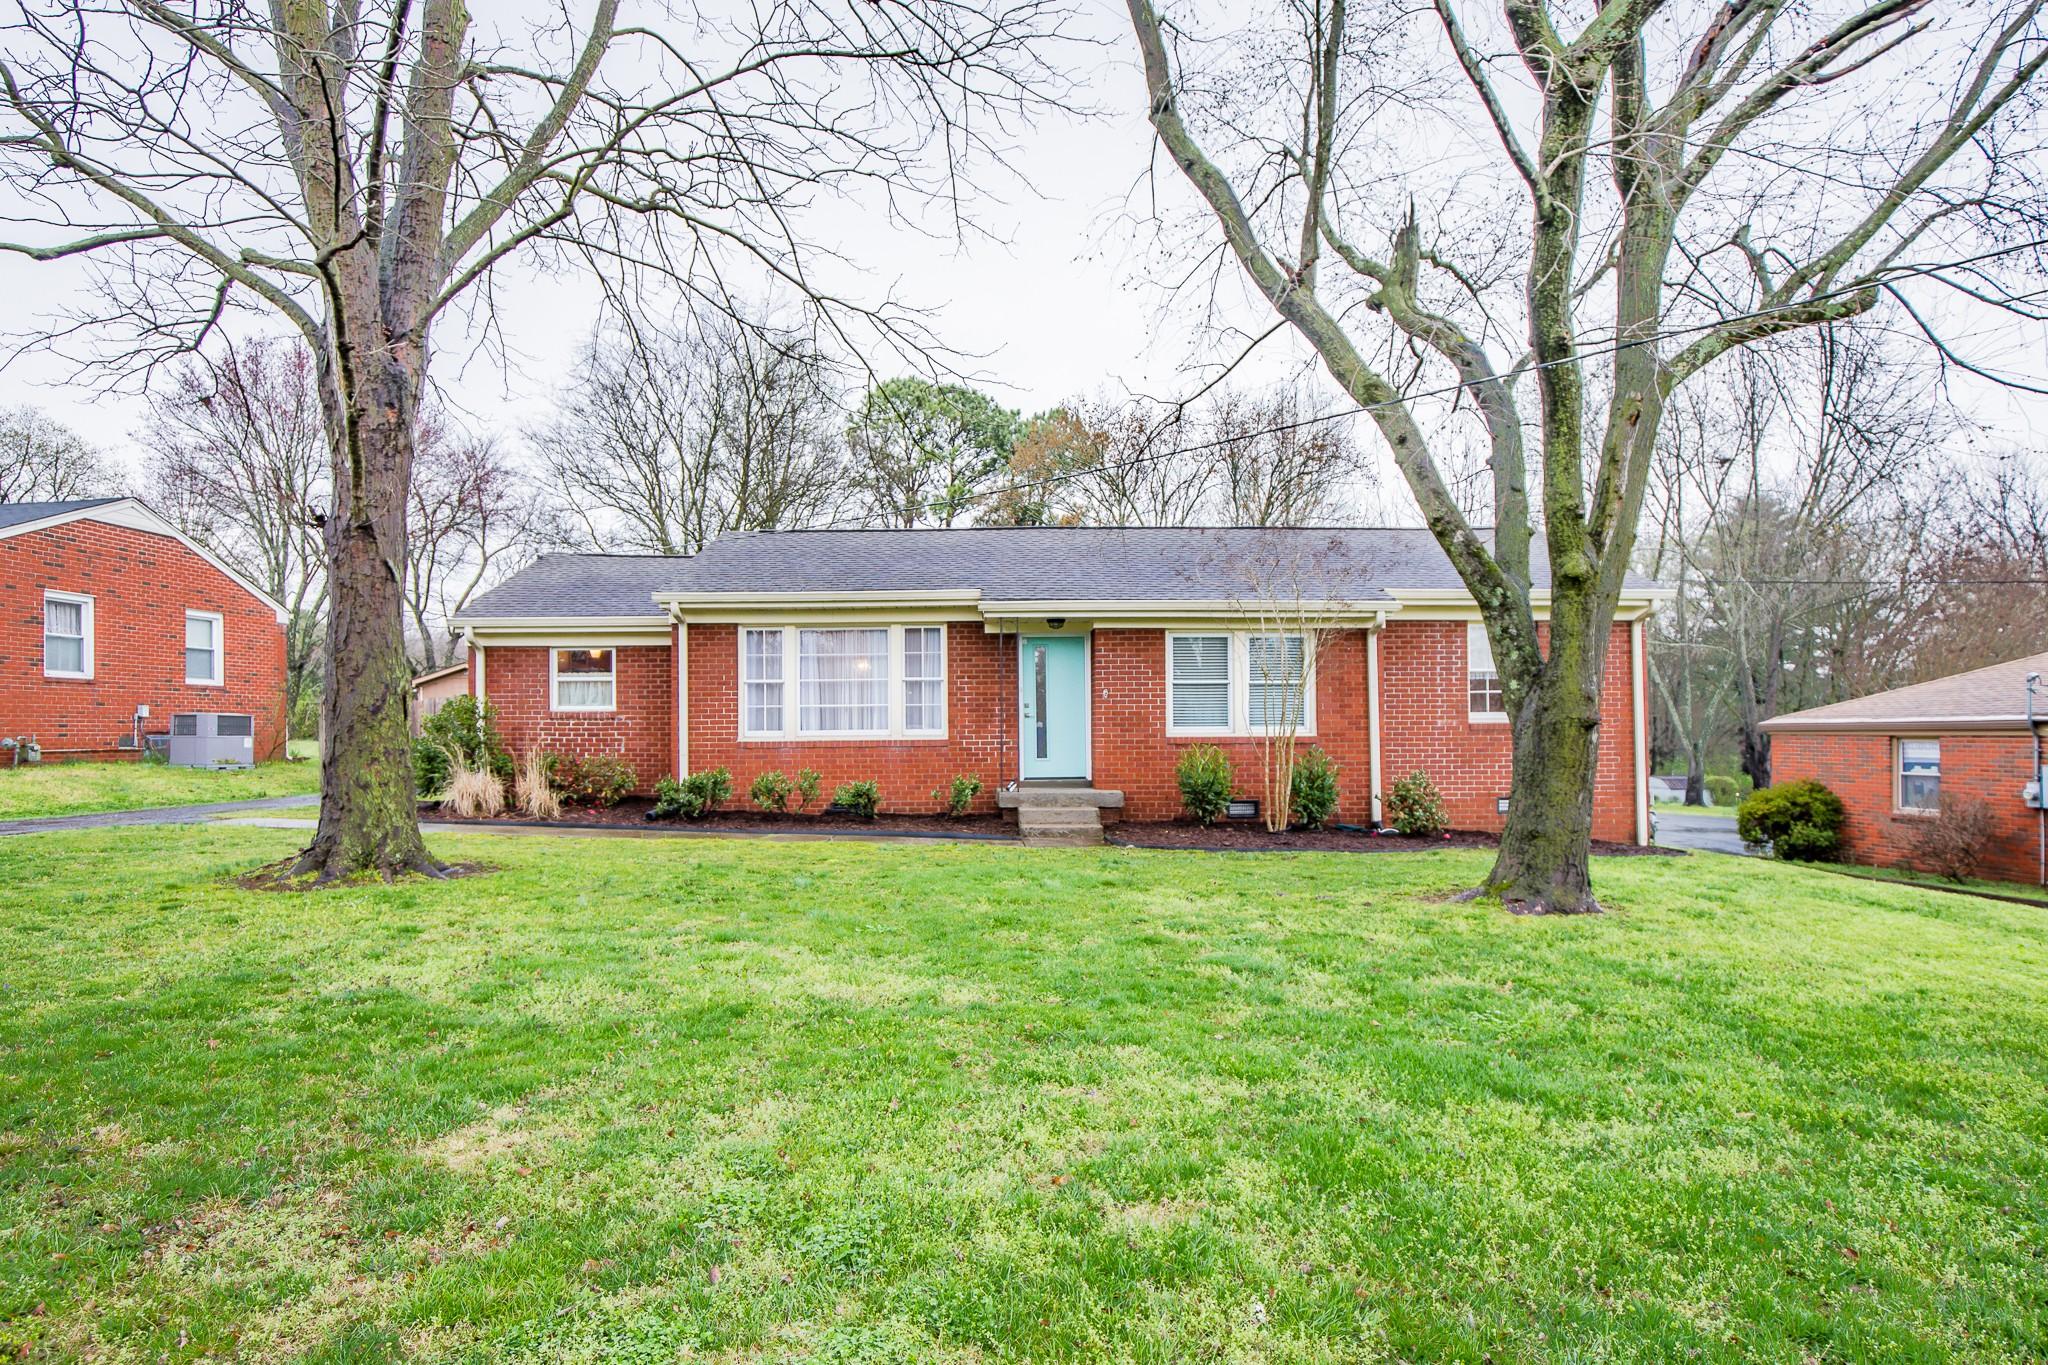 312 Fieldcrest Dr, Nashville, TN 37211 - Nashville, TN real estate listing